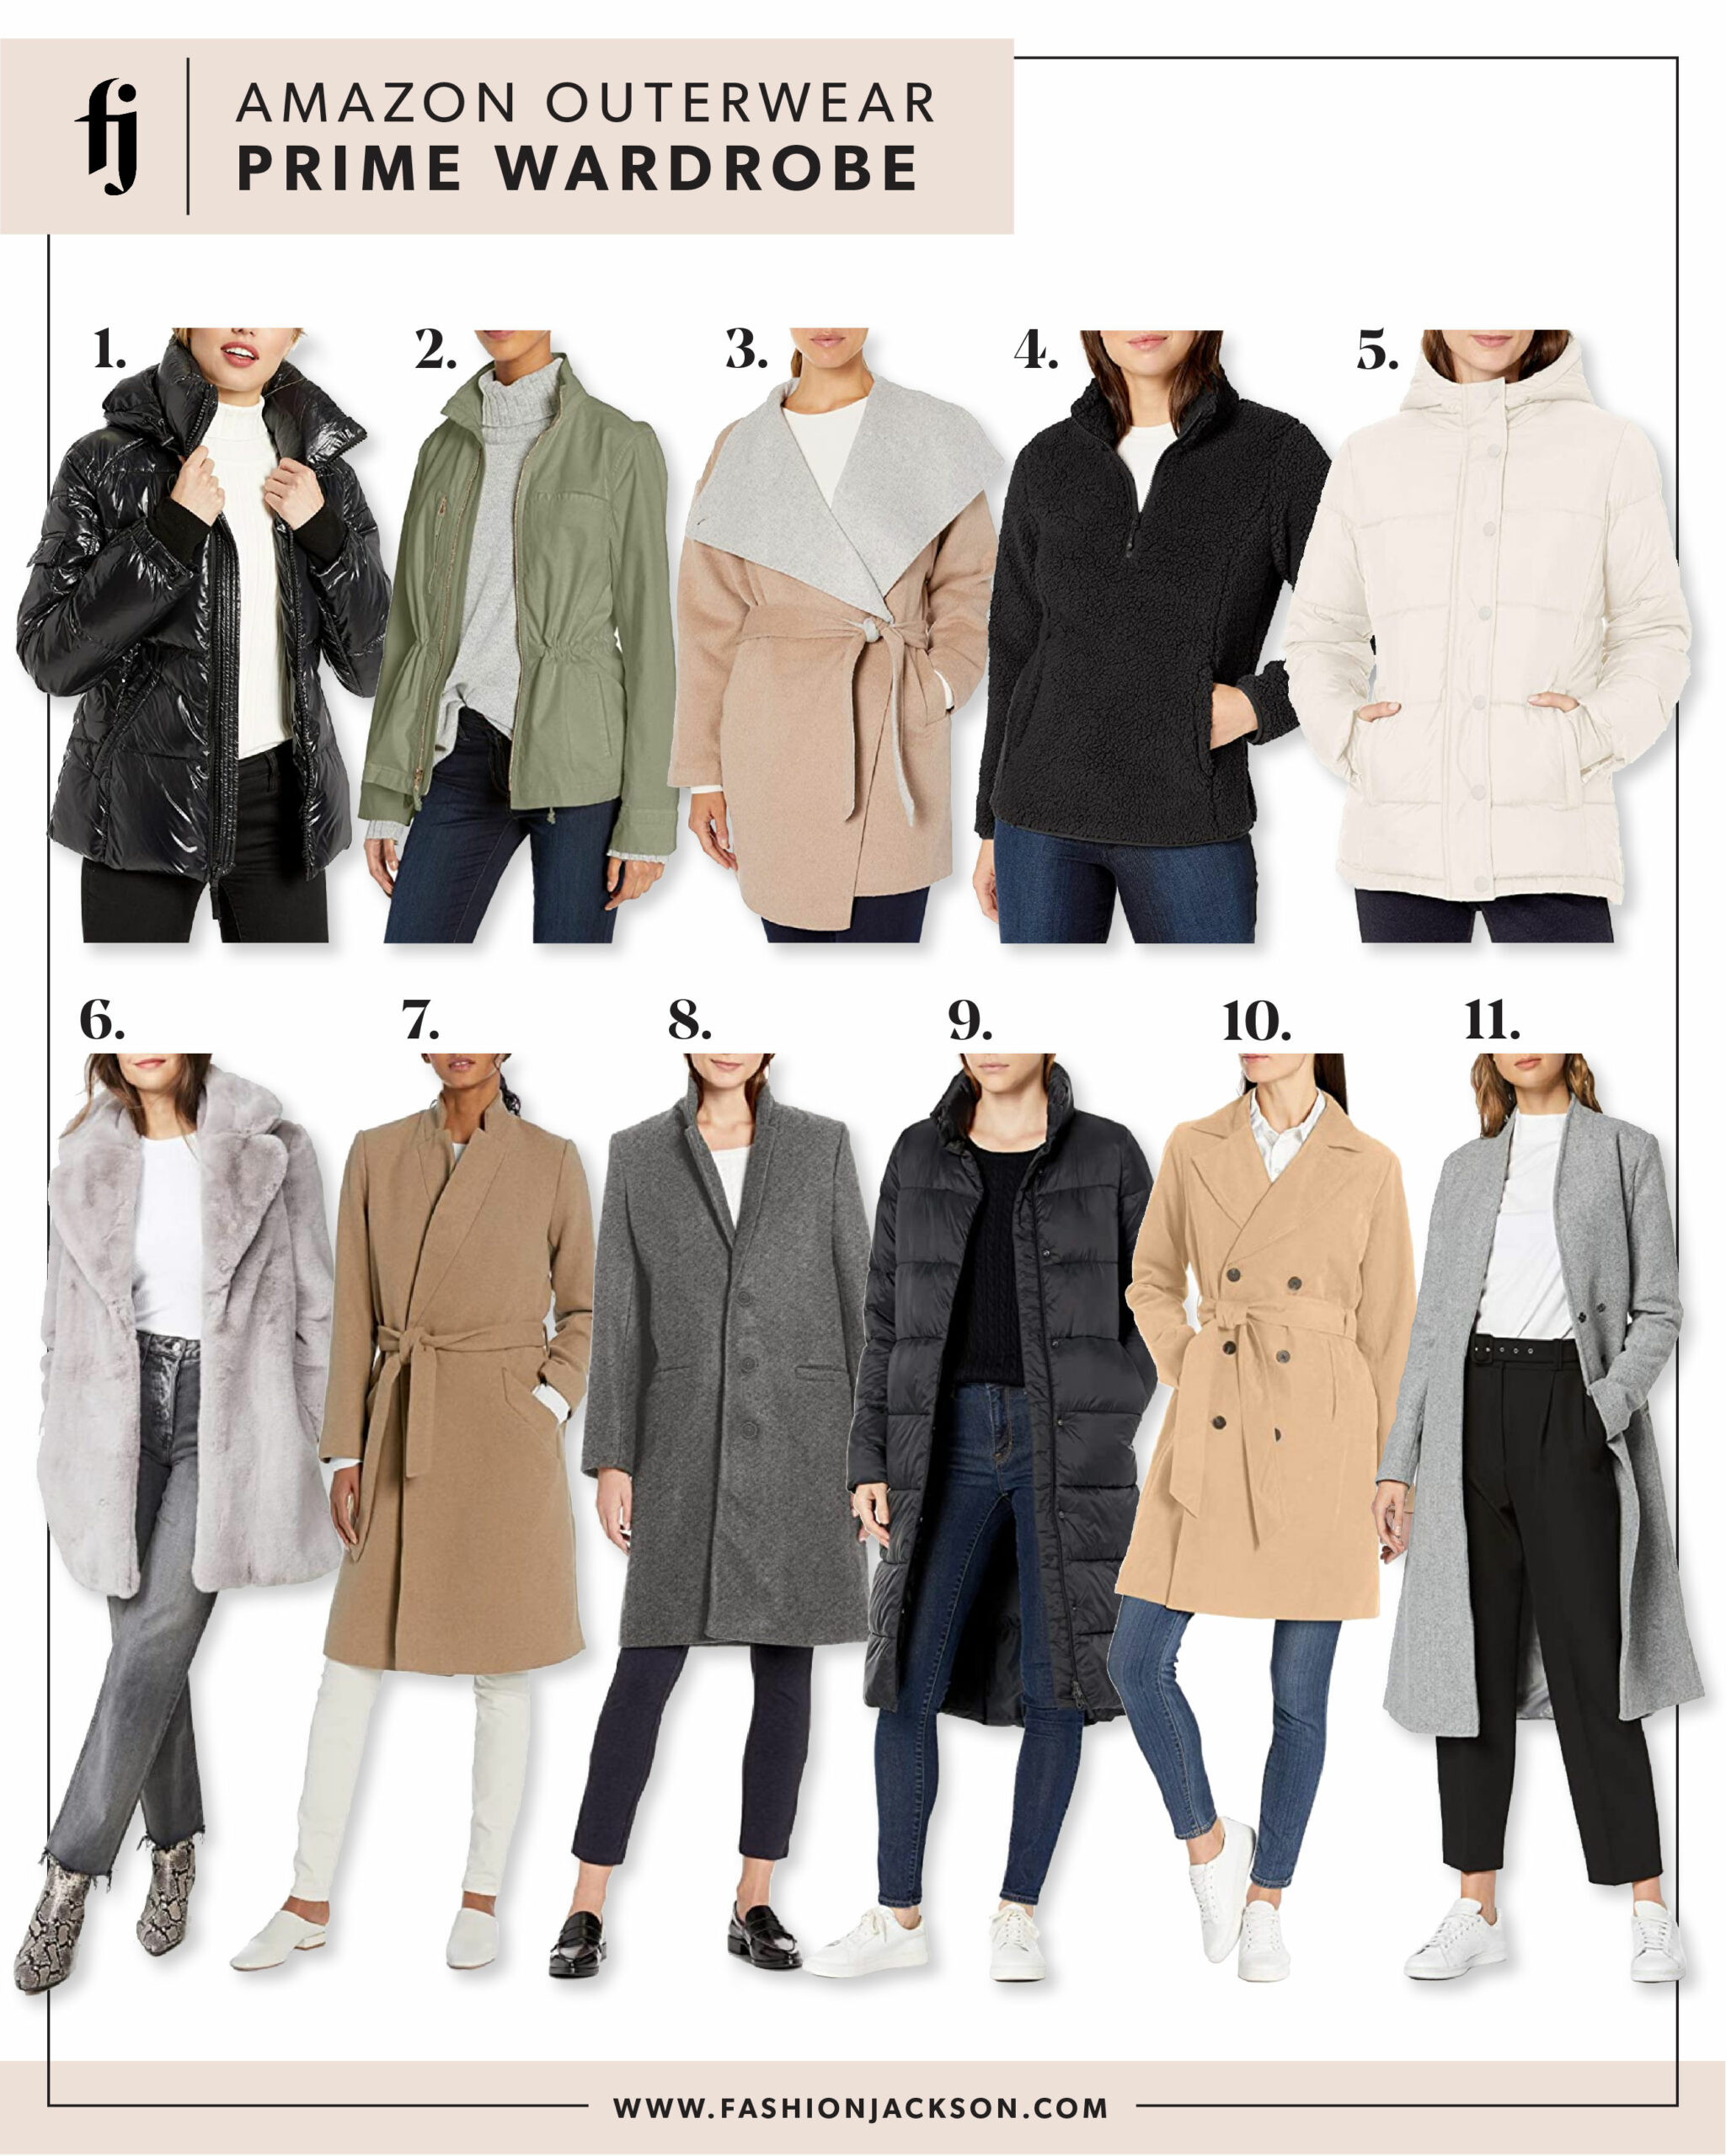 Amazon Prime Wardrobe Outerwear